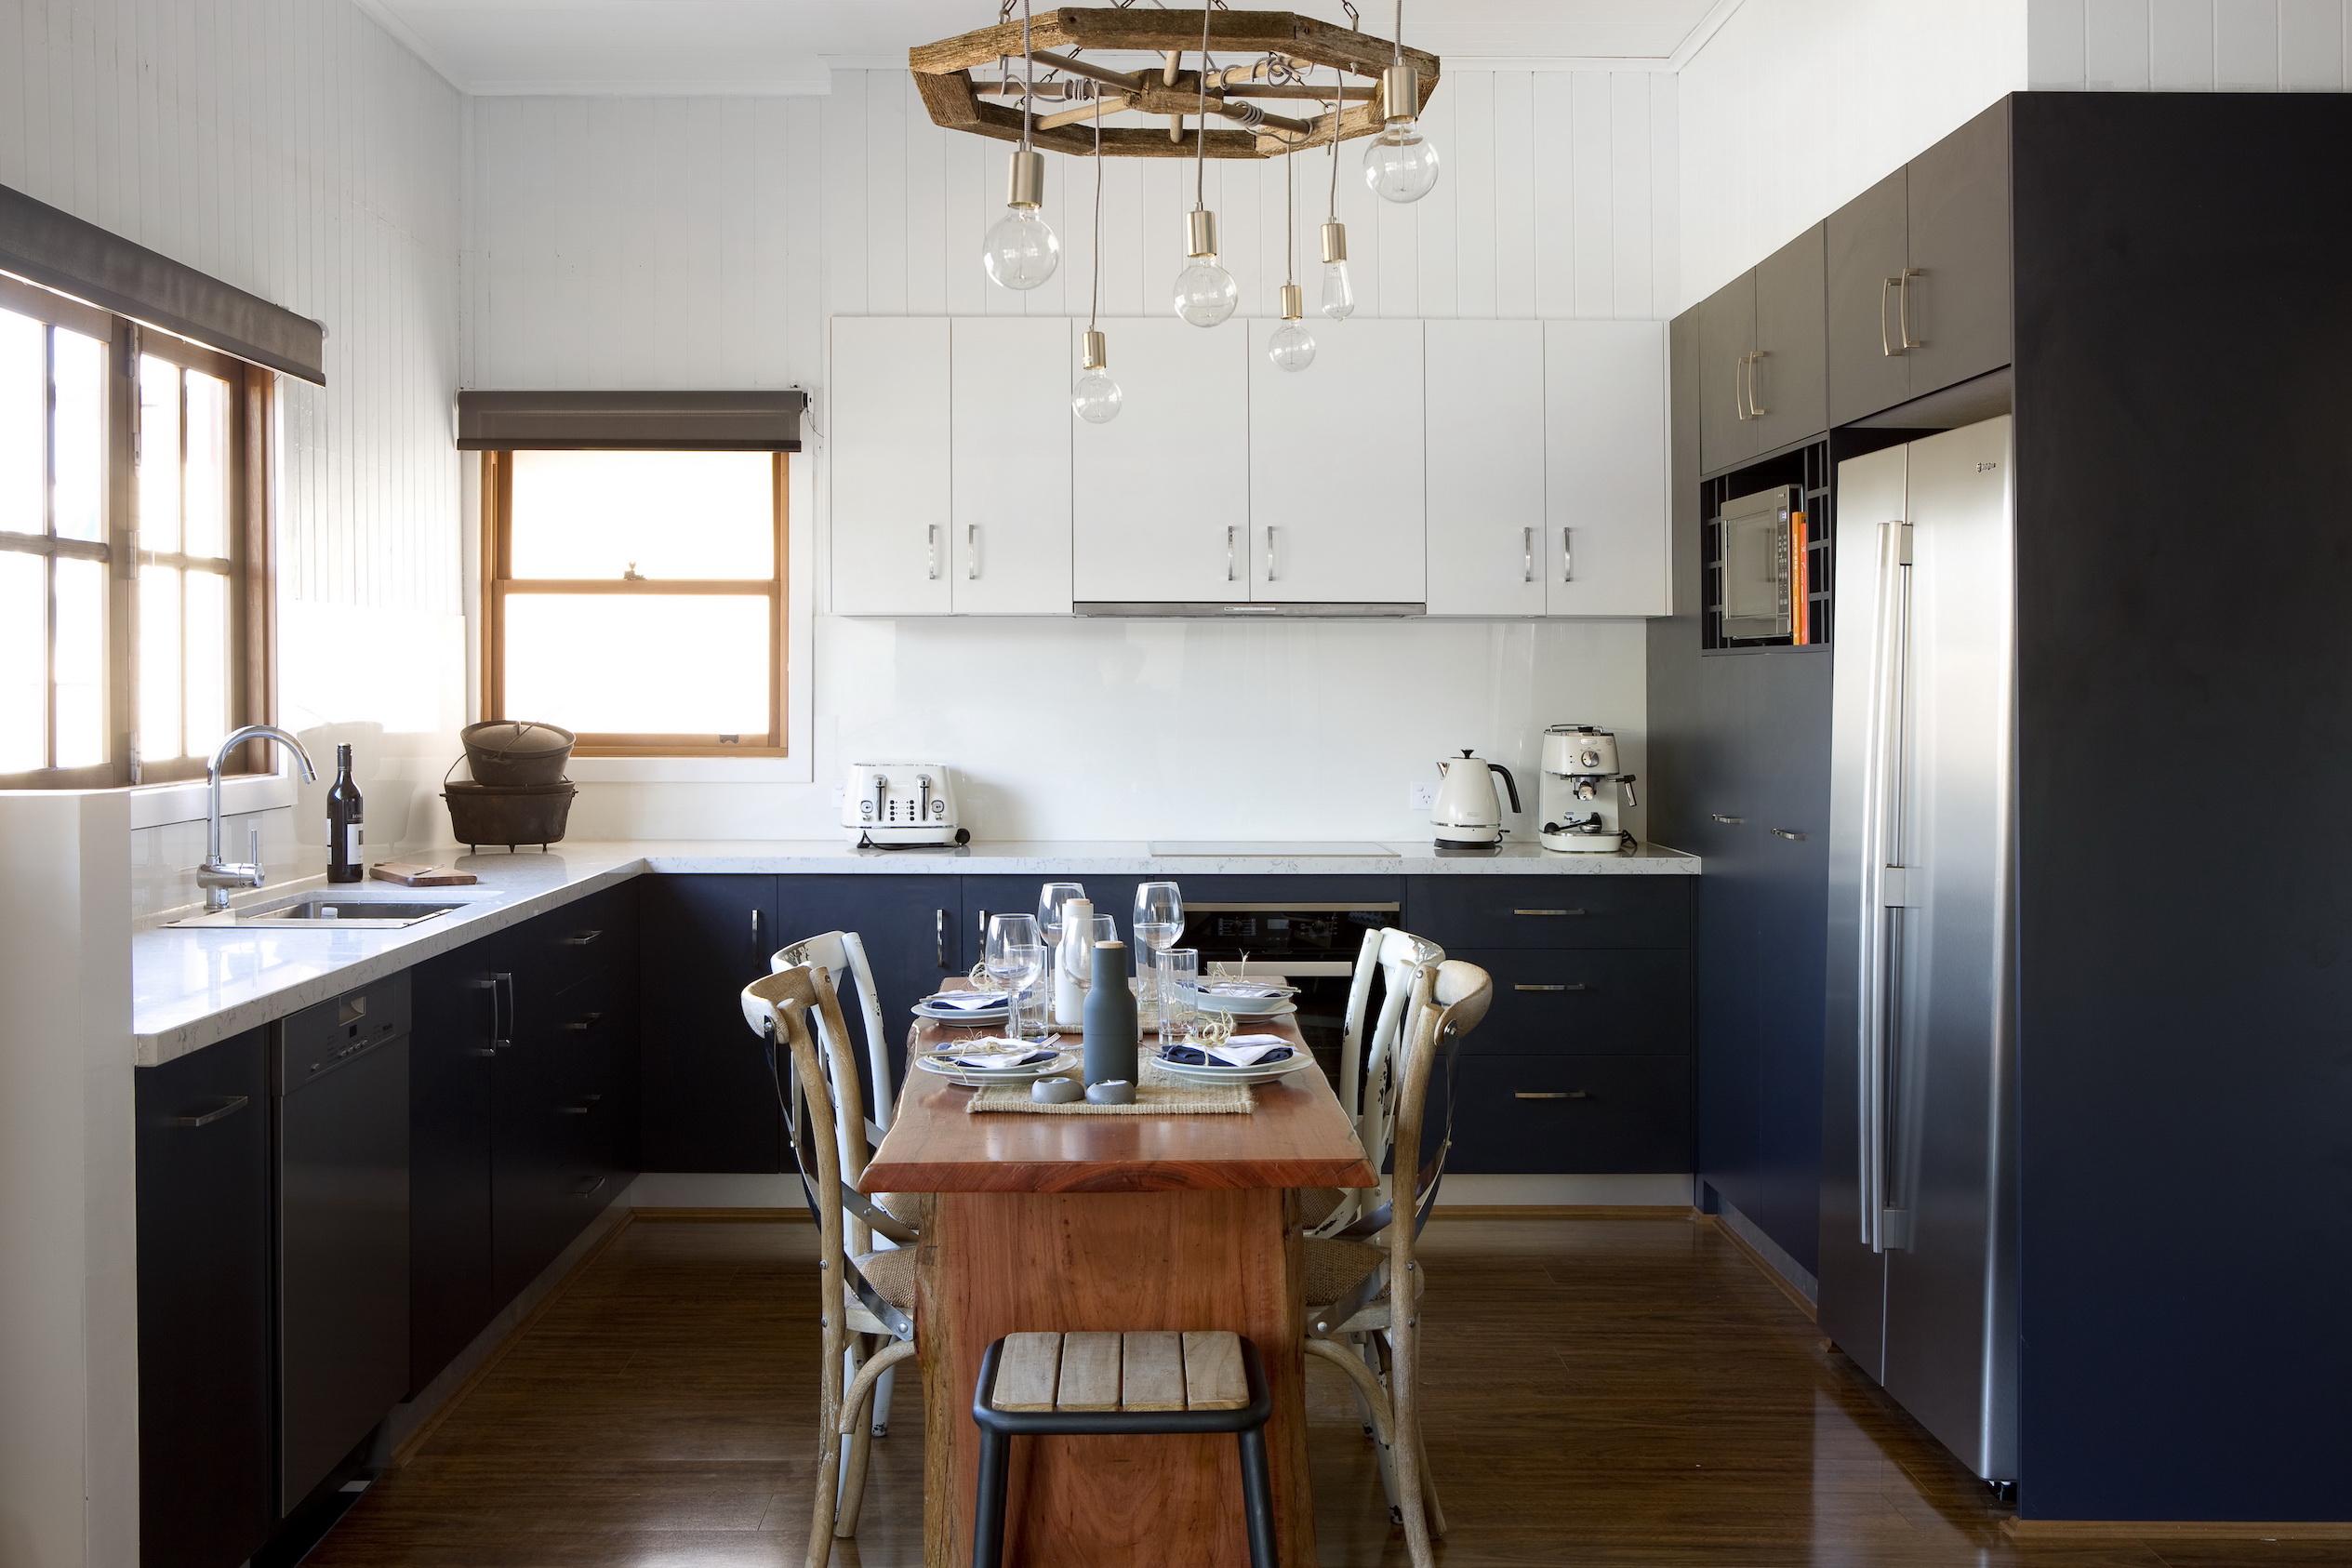 create your own kitchen design ~ detrit